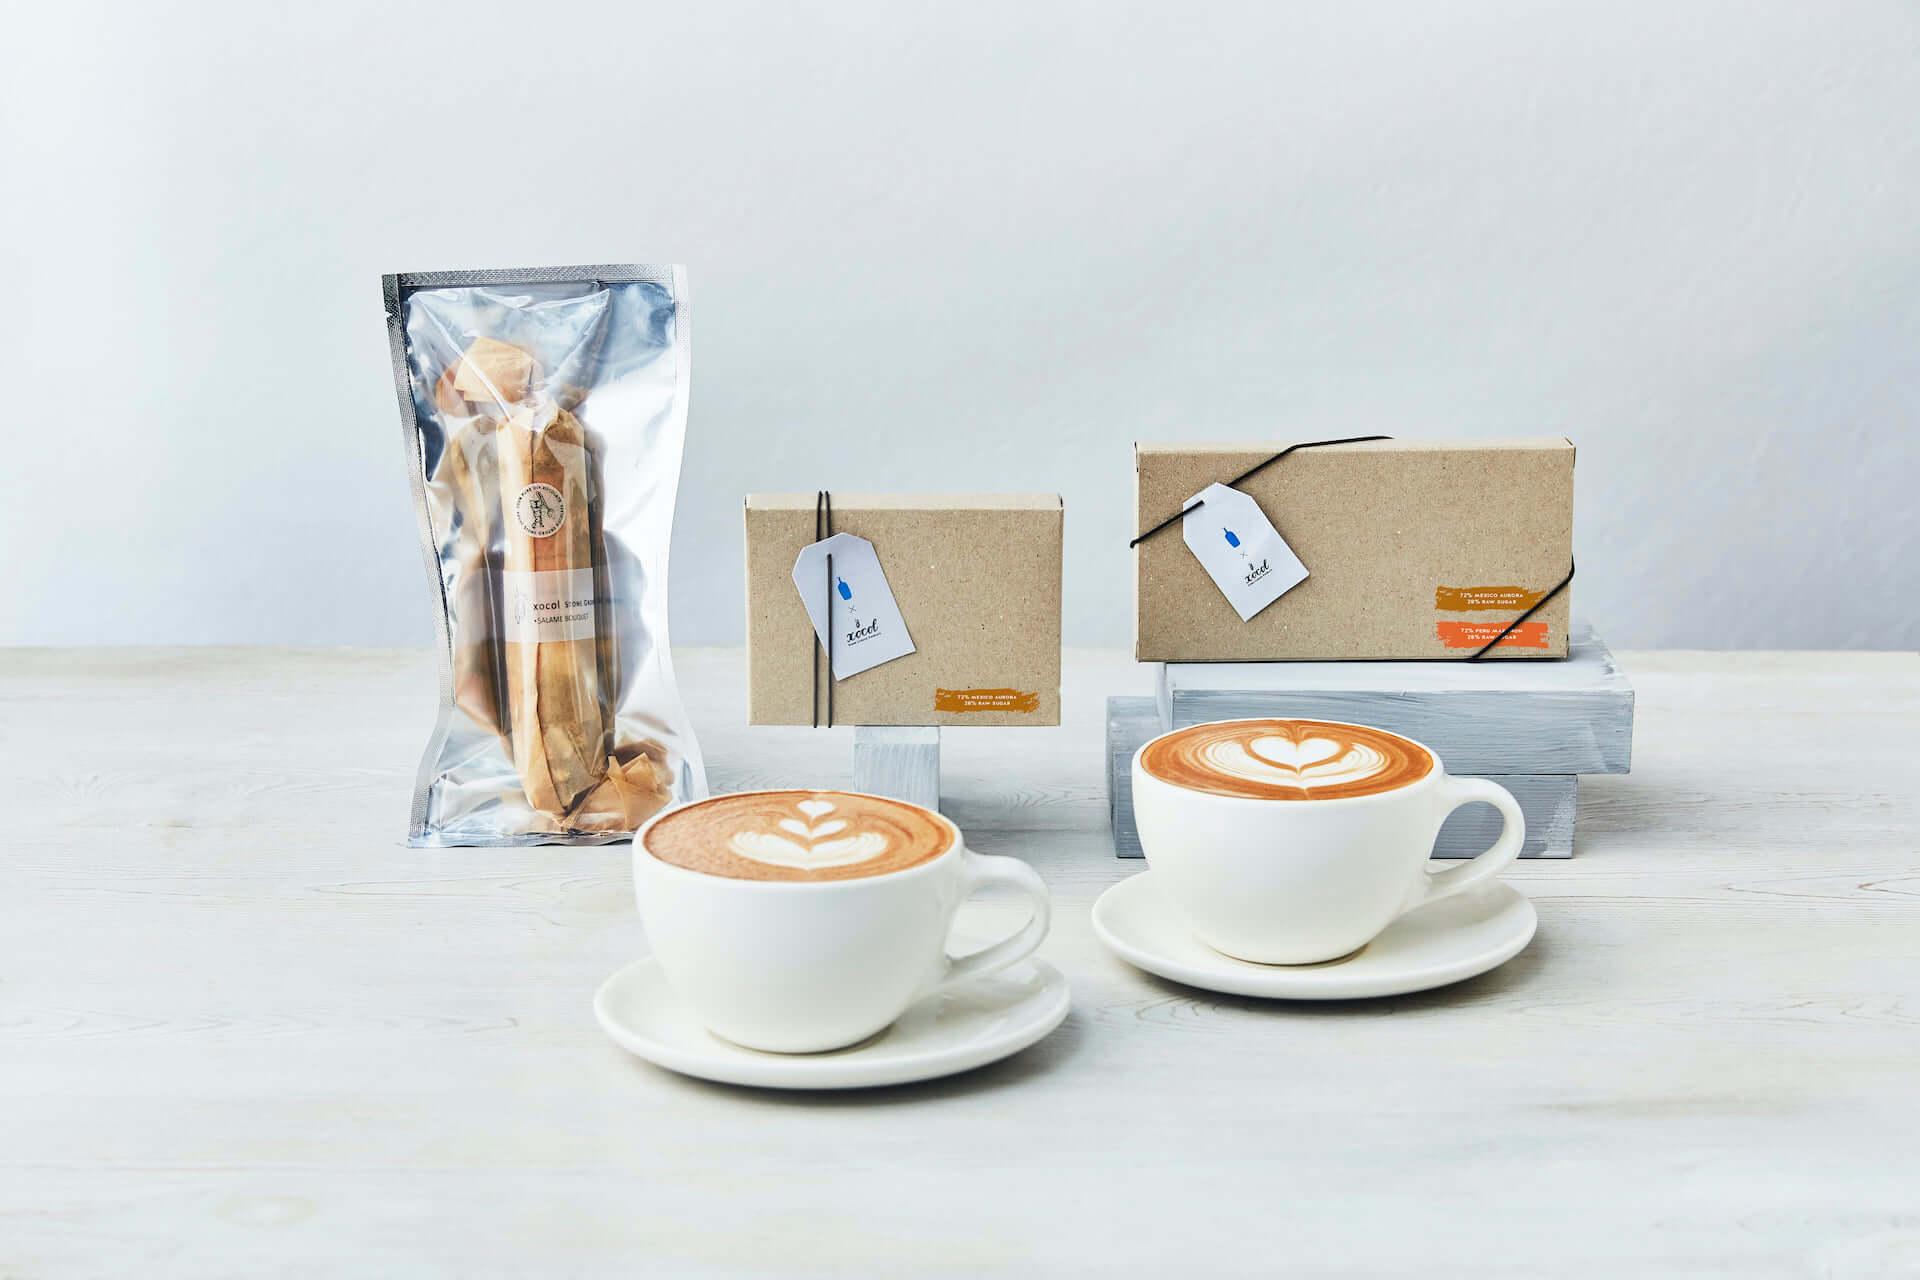 ブルーボトルコーヒーとショコルがコラボ!シングルオリジンカカオを使用したドリンク&チョコレートが数量限定で登場 gourmet210125_bluebottlecoffee_2-1920x1280